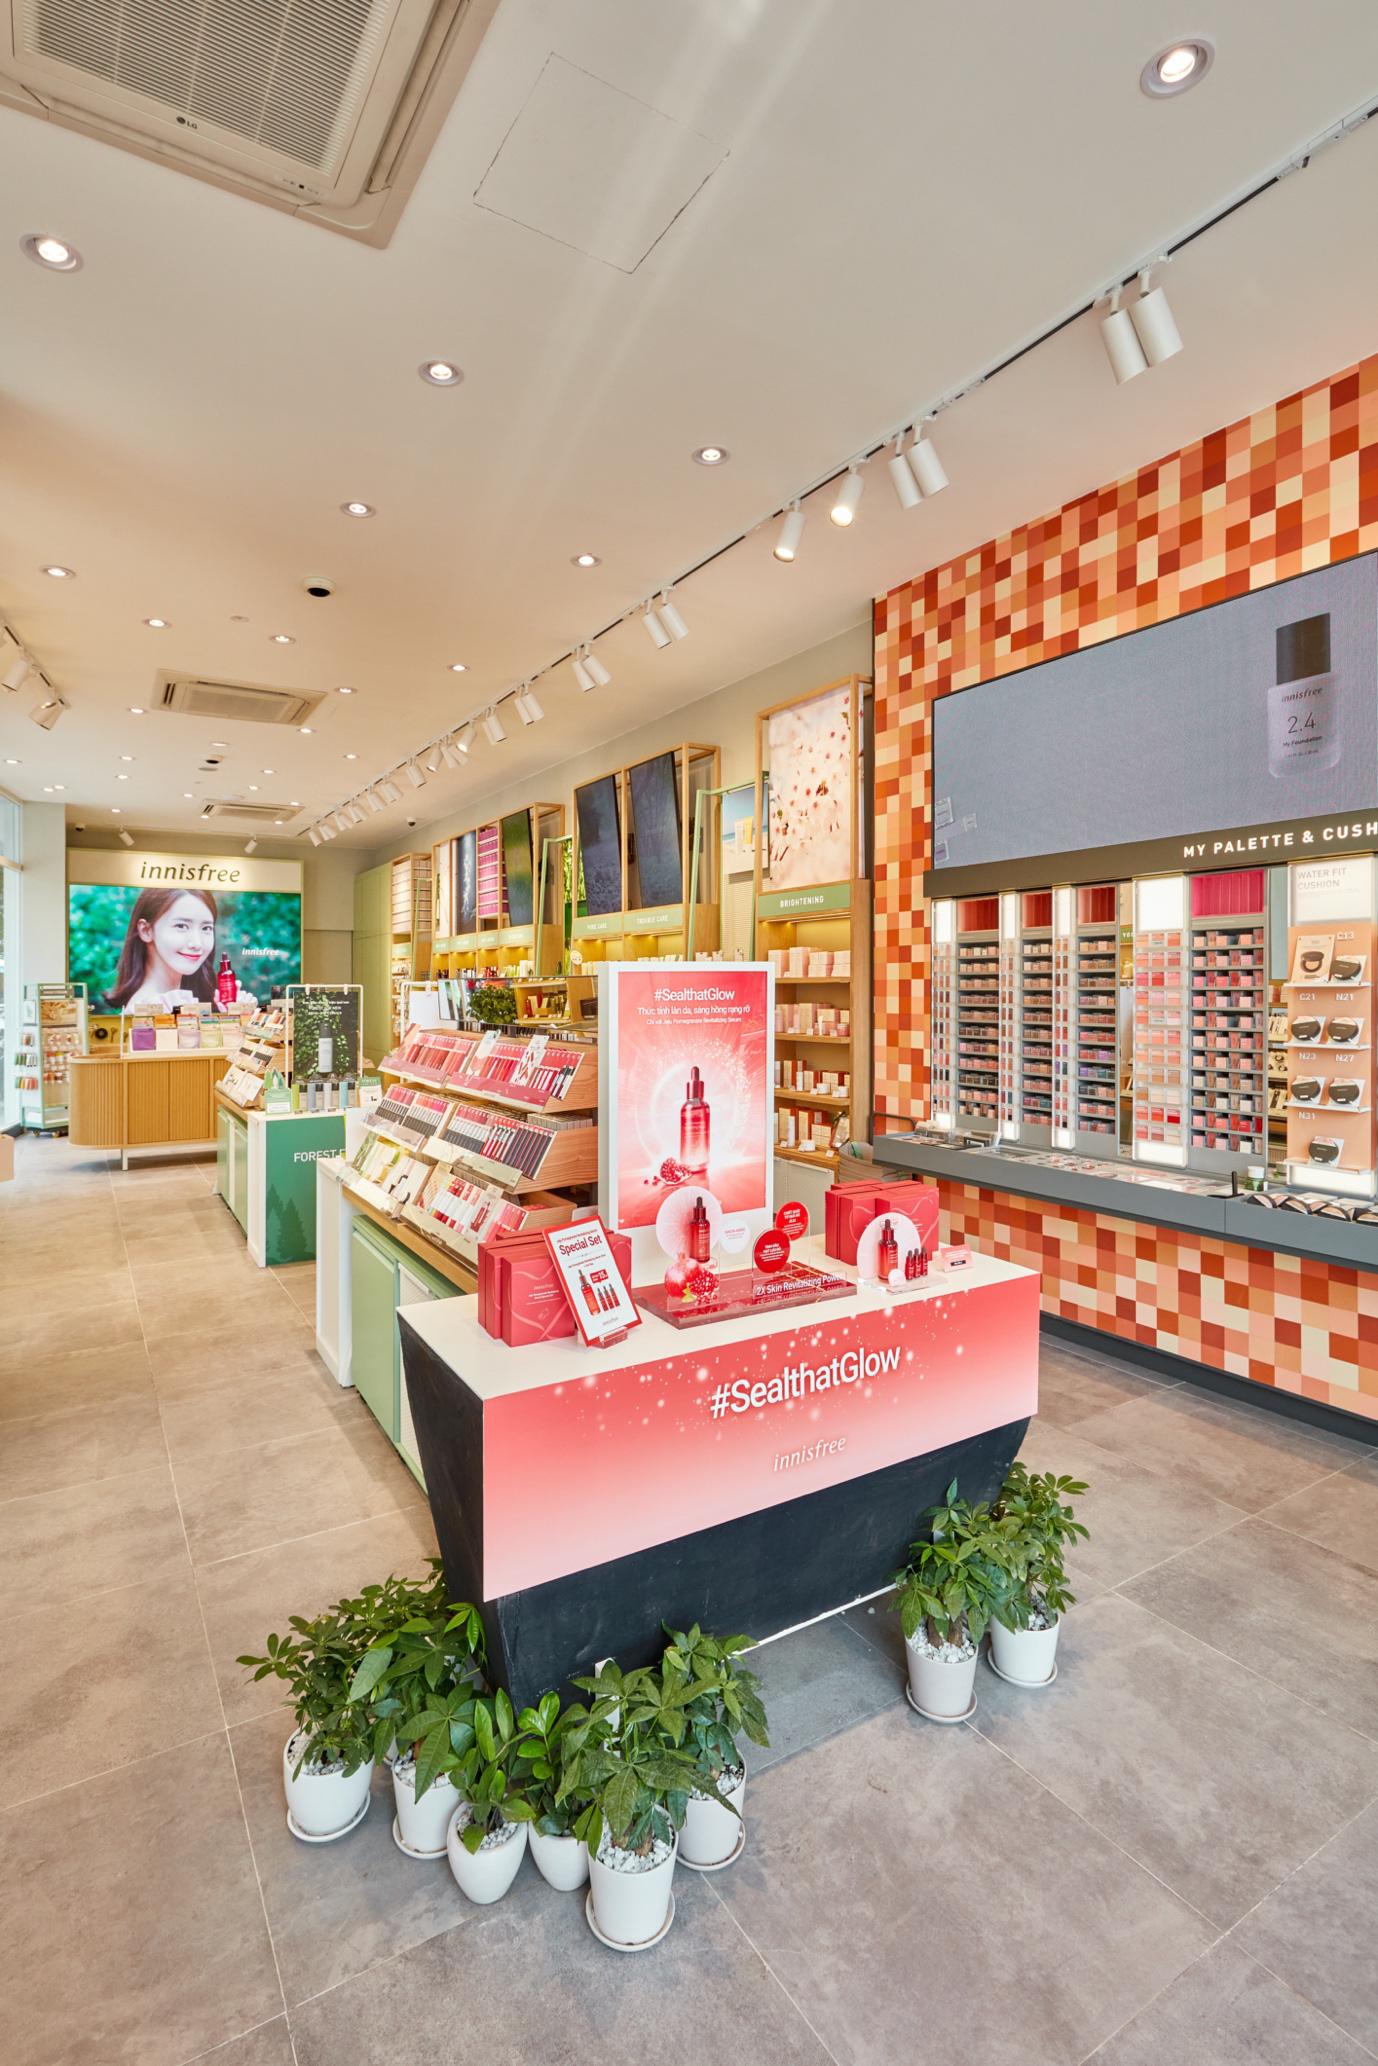 """Mở rộng chuỗi cửa hàng thân thiện với môi trường, innisfree khai trương """"điểm dừng chân xanh"""" đầu tiên tại Đà Nẵng - Ảnh 4."""